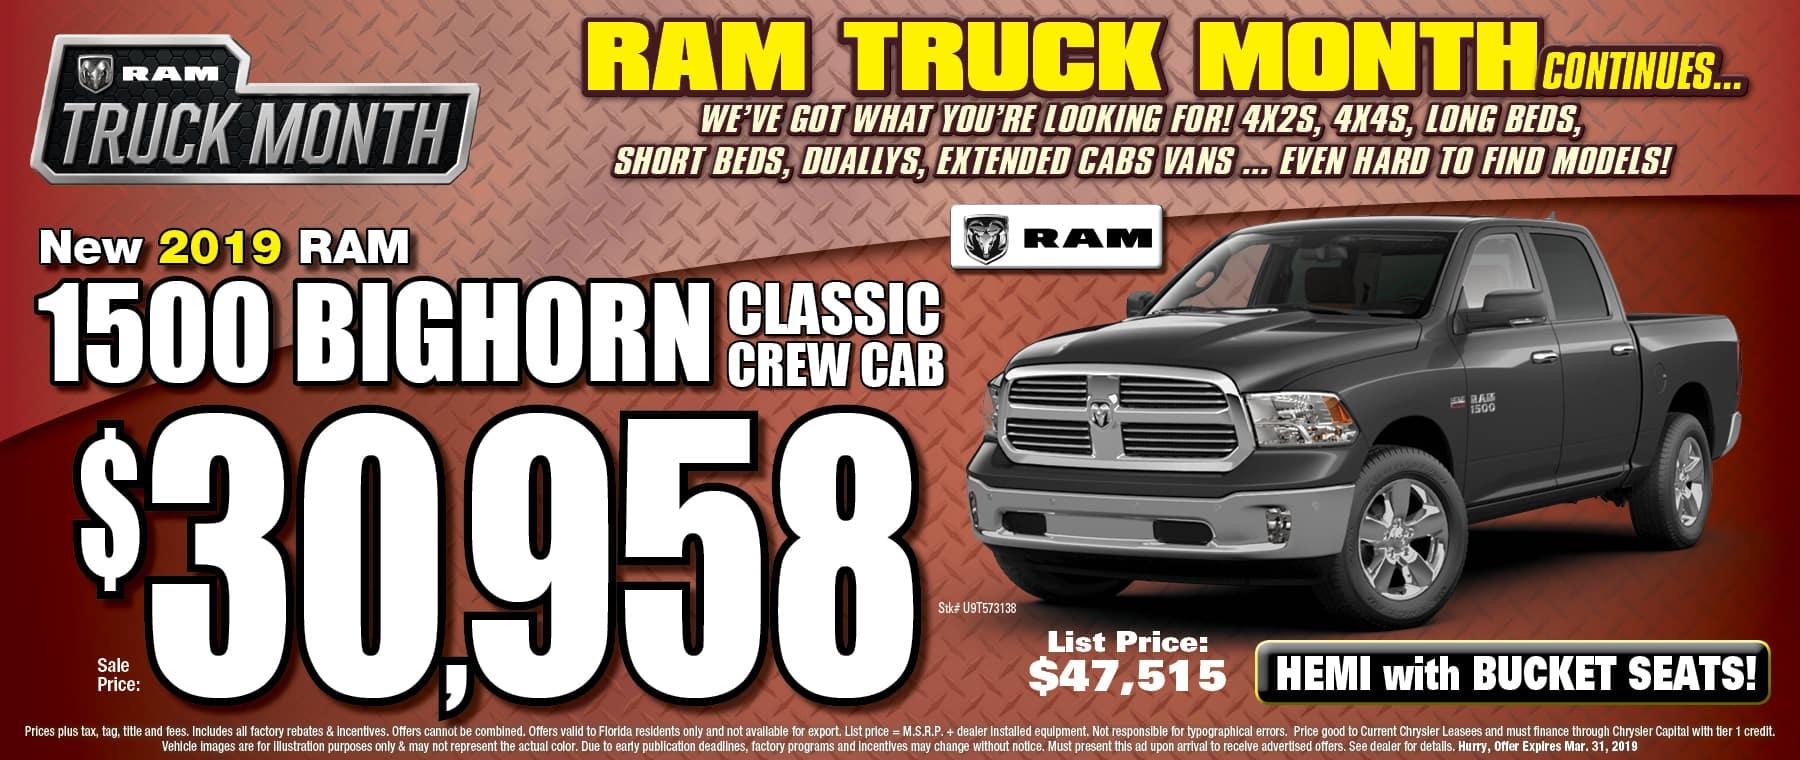 Ram Crew Cab Classic